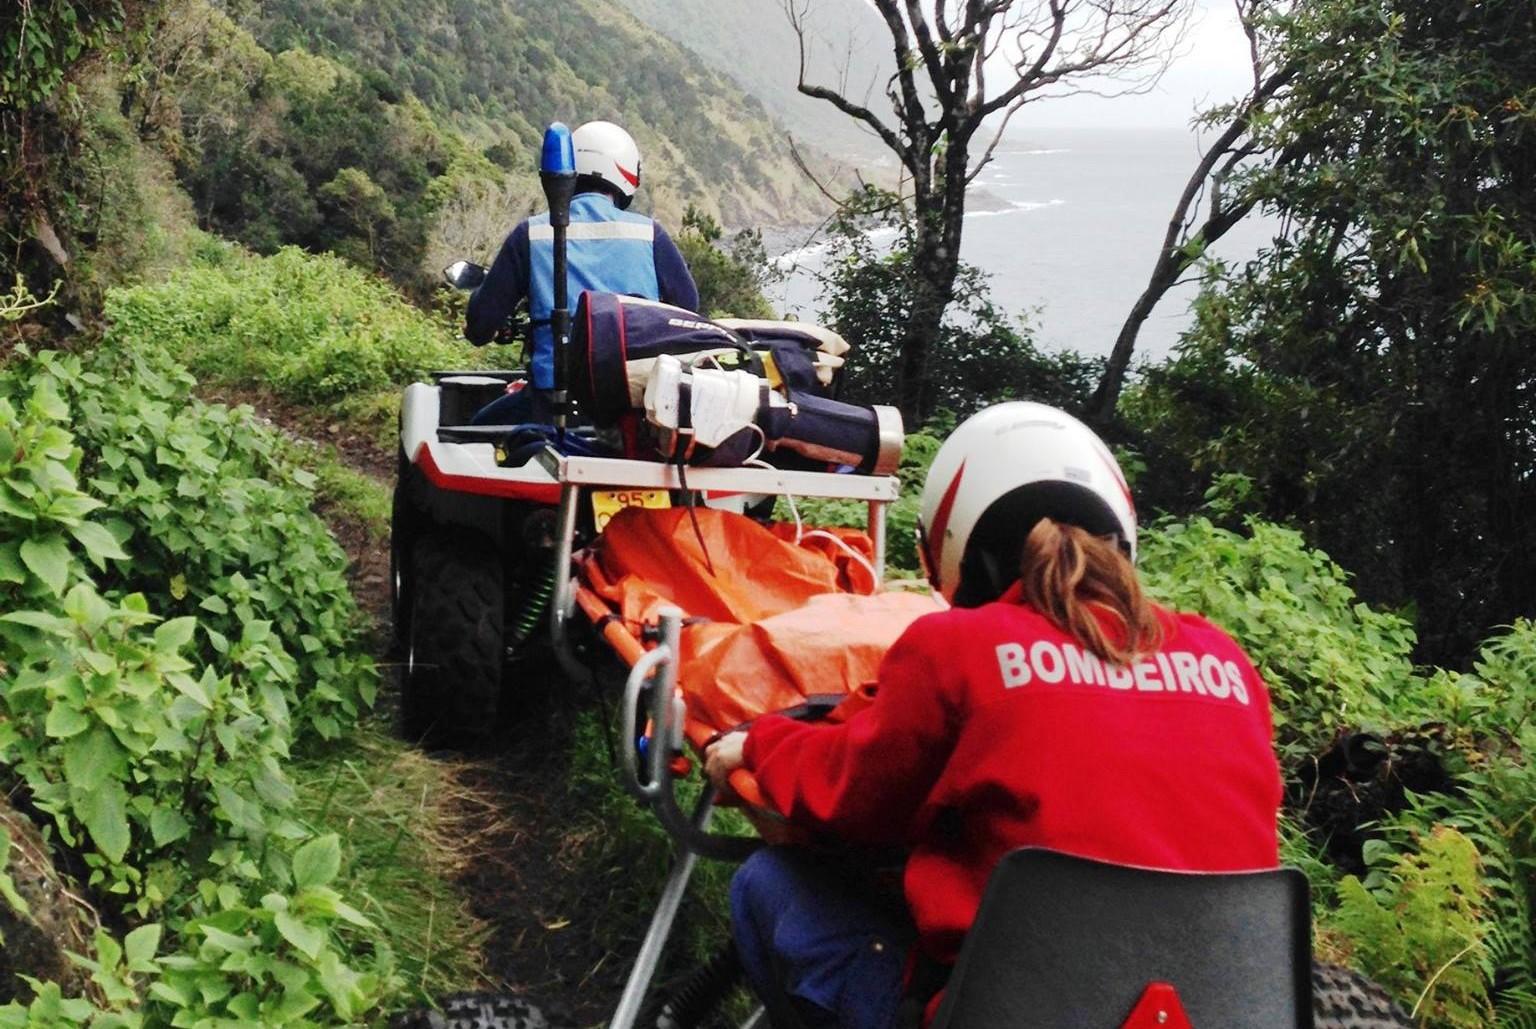 Bombeiros da Calheta efetuam primeira prestação de socorro com recurso a Moto 4 Socorro com Atrelado de Salvamento